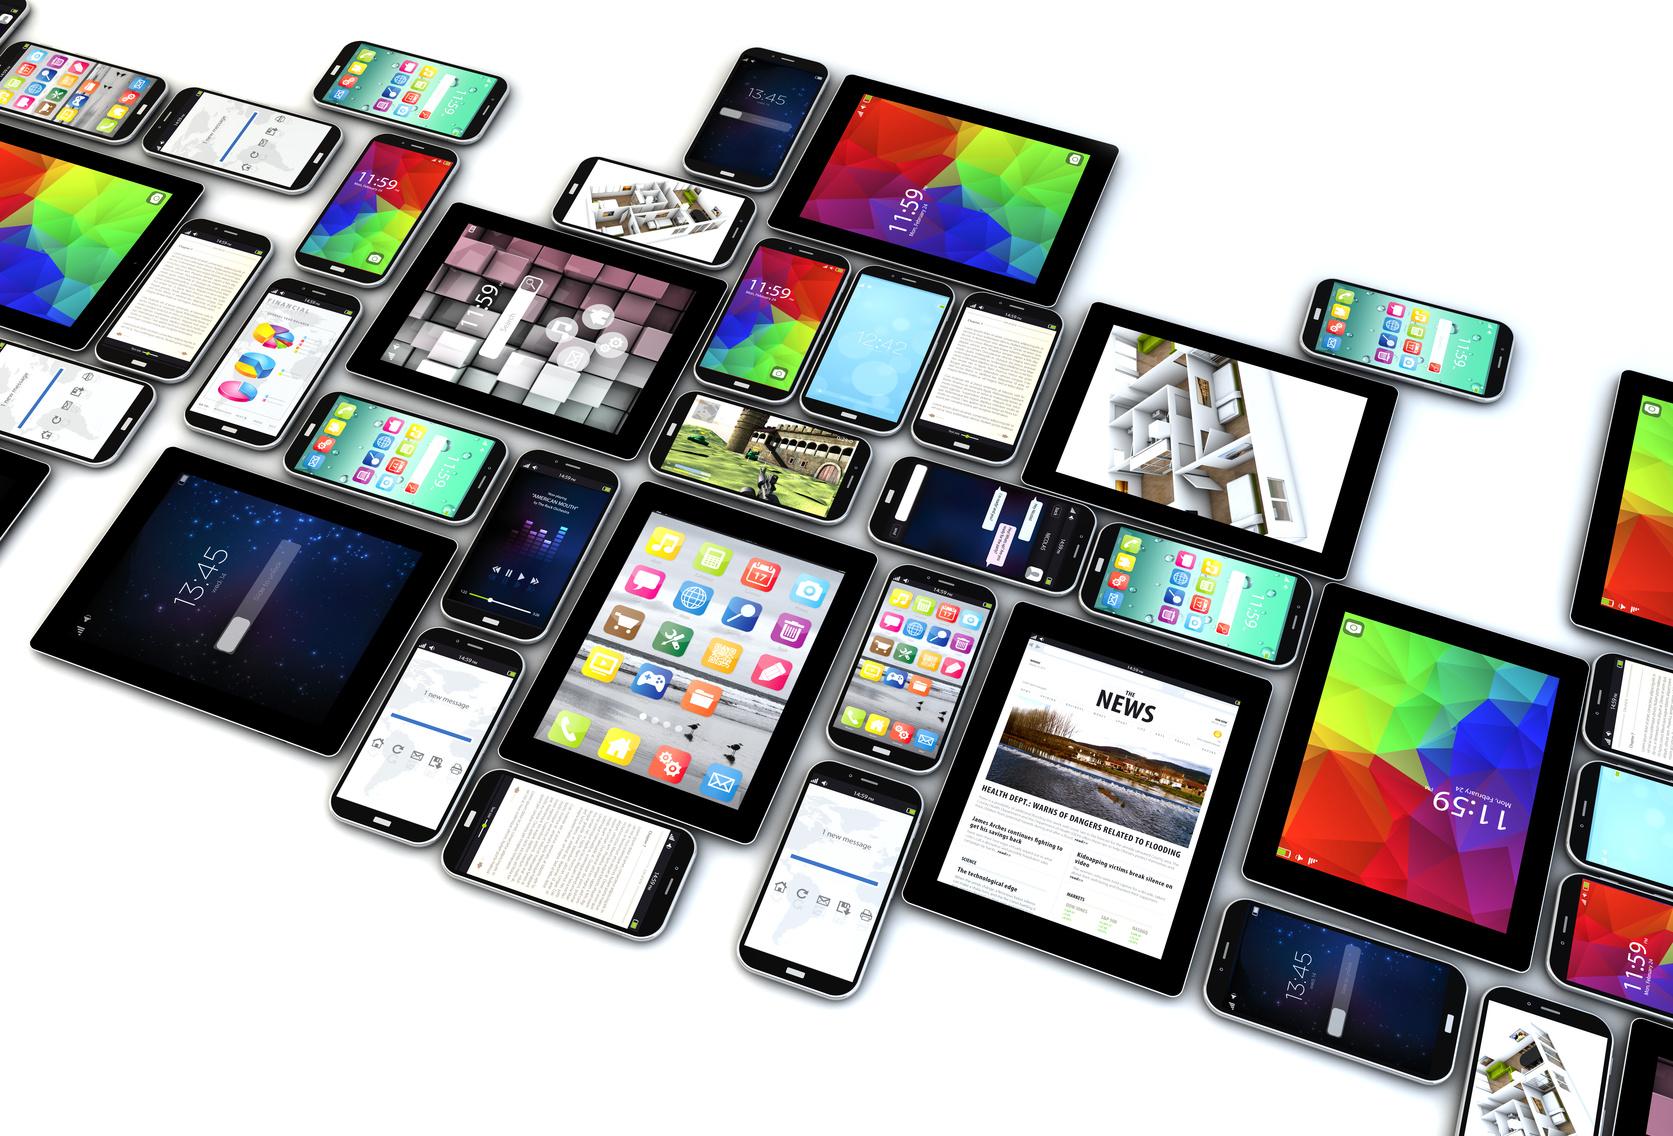 Małe Jest Piękne Czyli Miniaturowe Telefony Z Androidem Speedtest Pl Wiadomości